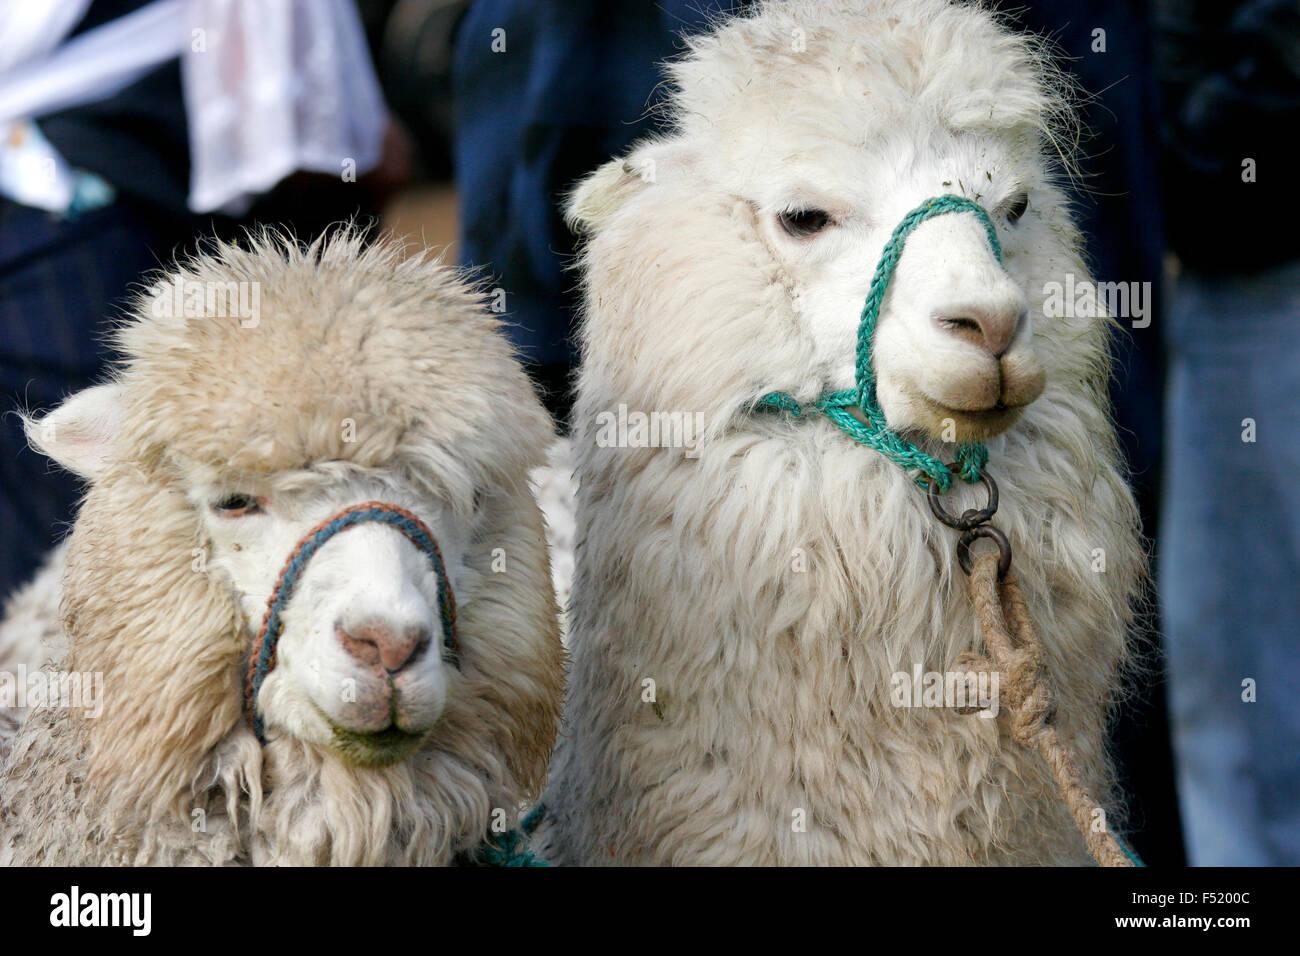 Llama in vendita al mercato di Otavalo, Ecuador, Sud America Immagini Stock